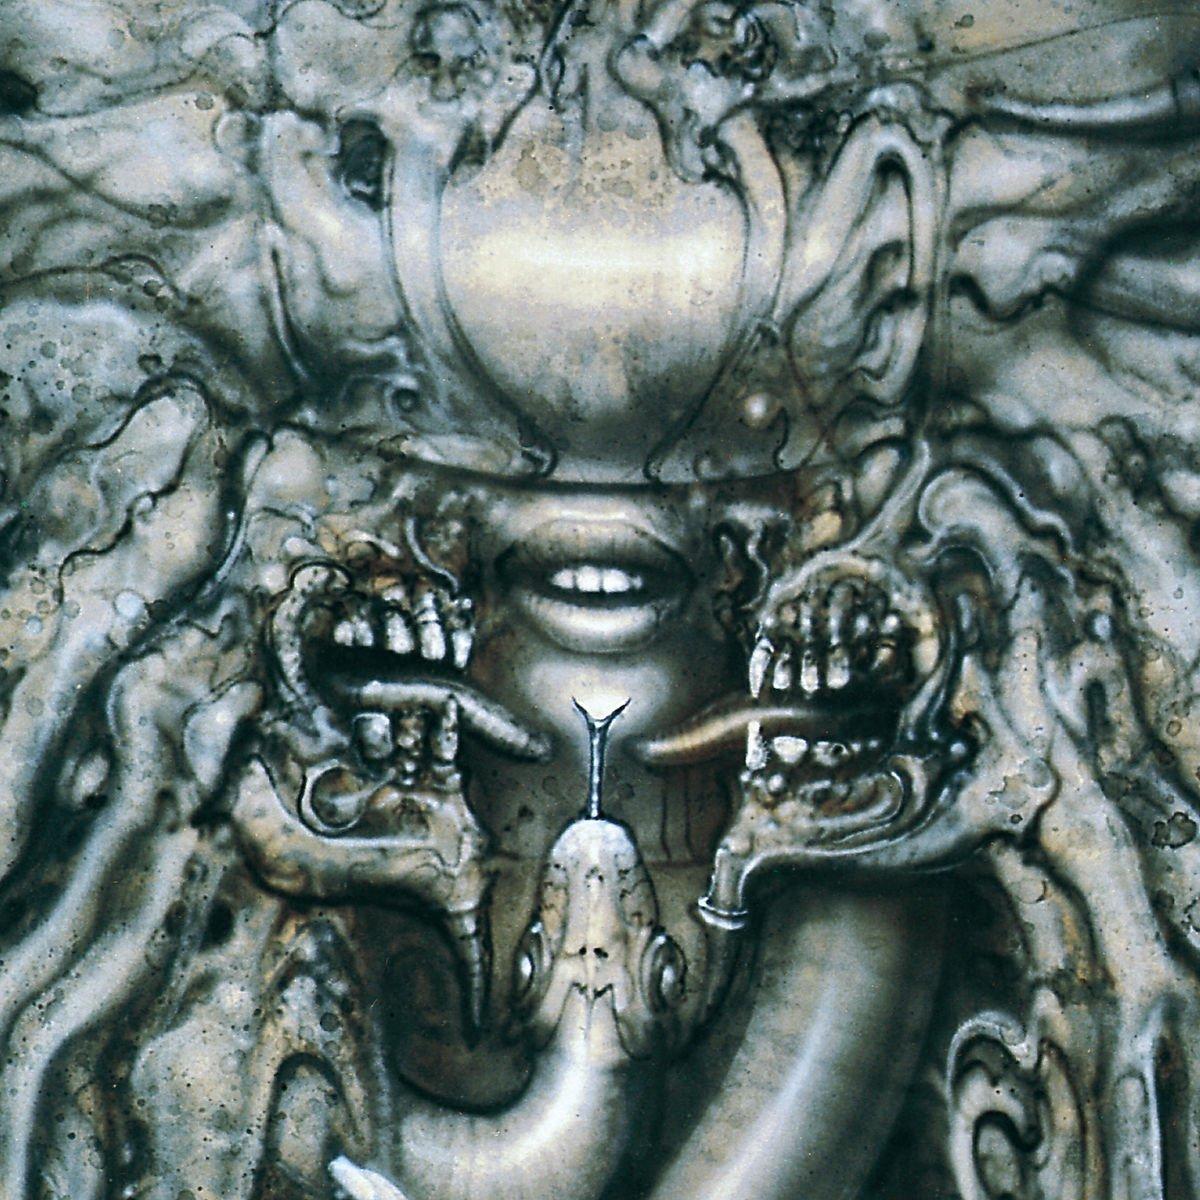 Danzig - Danzig III: How the Gods Kill<br /><br />Danzig mester addigi legerősebb korongja, amely talán nem meglepő, a harmadik volt a sorban, anyagi tekintetben is az énekes szólókarrierjének csúcsát jelentette. Na, lehet, hogy a doom és gótikus vonal bevonása is sokat emelt a fényén, de az biztos, hogy még így, negyed század elteltével is egy frankó anyagról beszélhetünk.